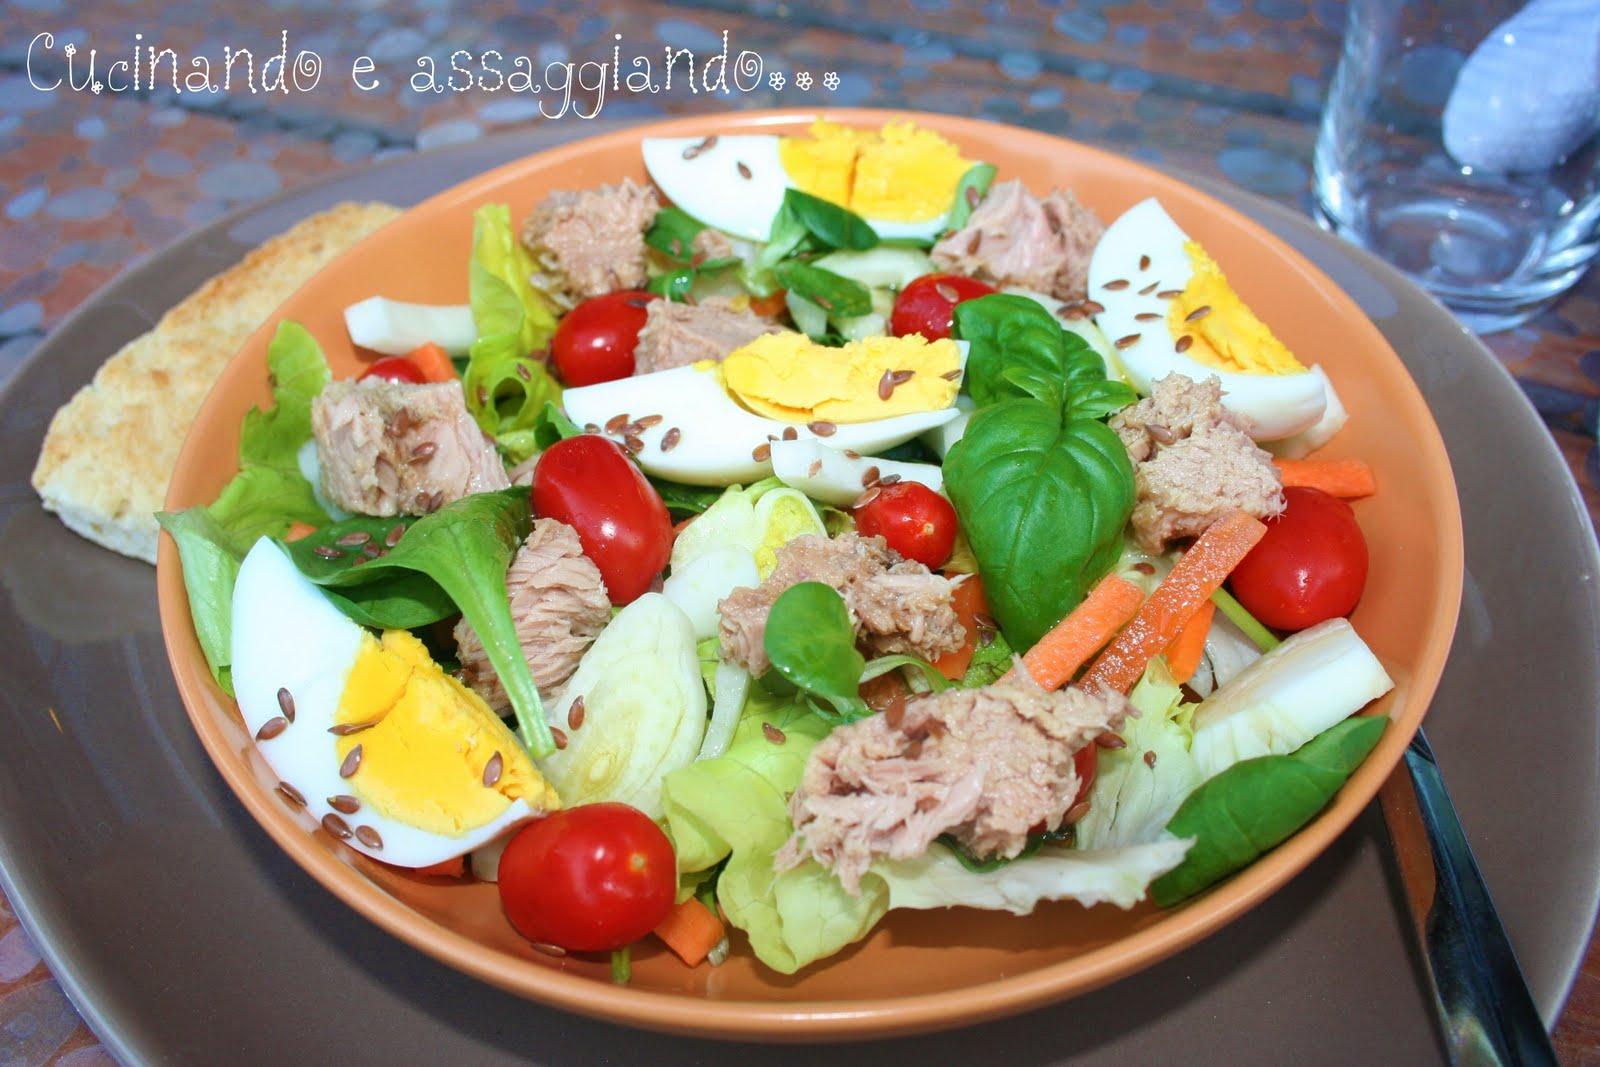 cucinando e assaggiando...: aprile 2011 - Pranzi Sani E Leggeri